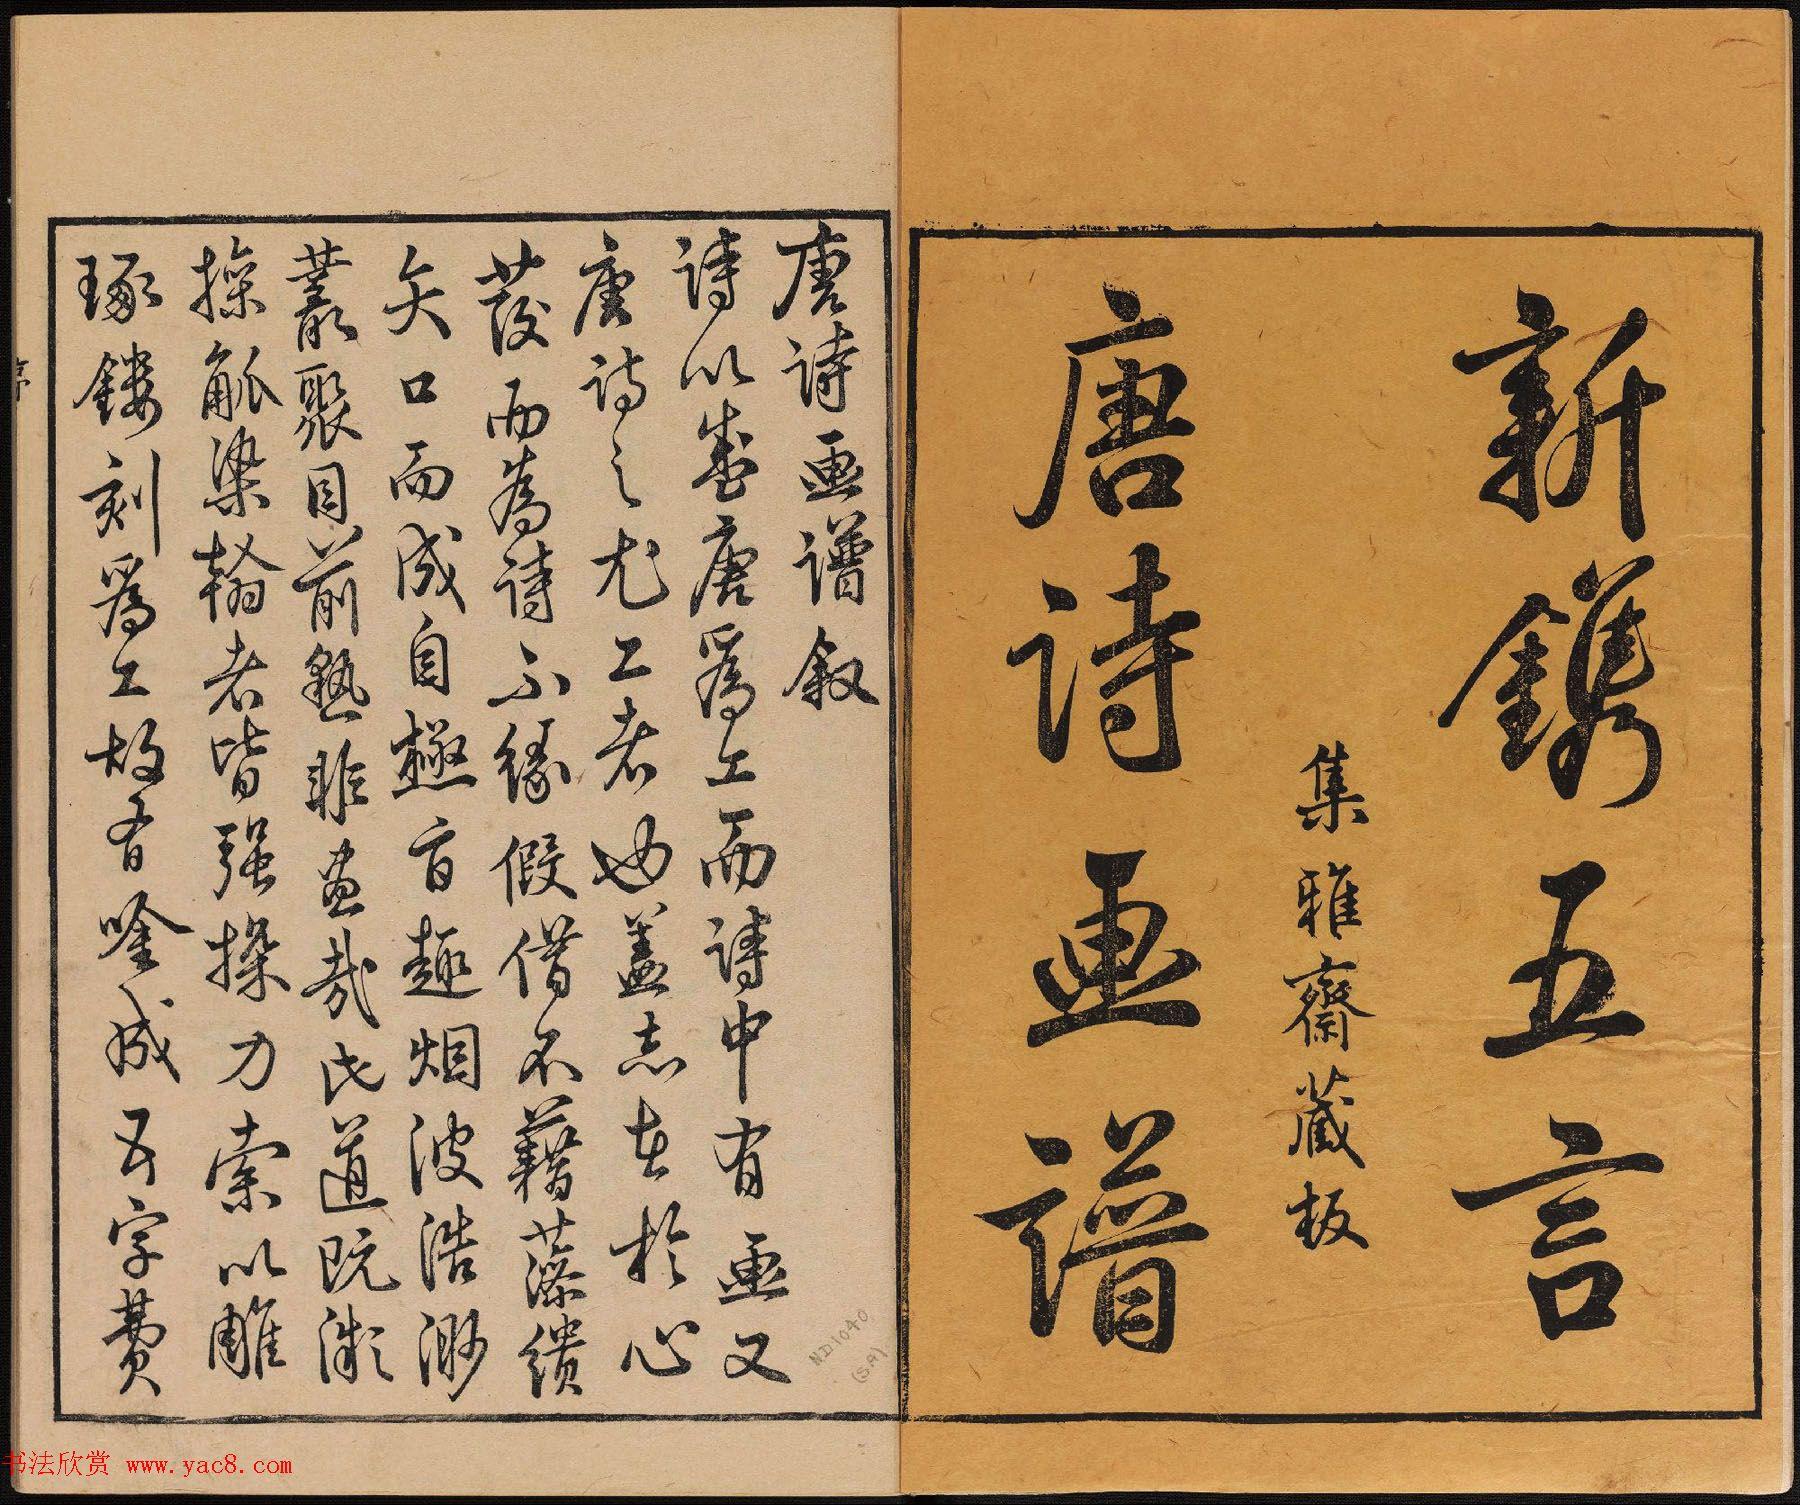 爱的礼赞五重奏谱-《唐诗画谱》由明代集雅斋主人黄凤池编辑,为诗、书、画三美合一的